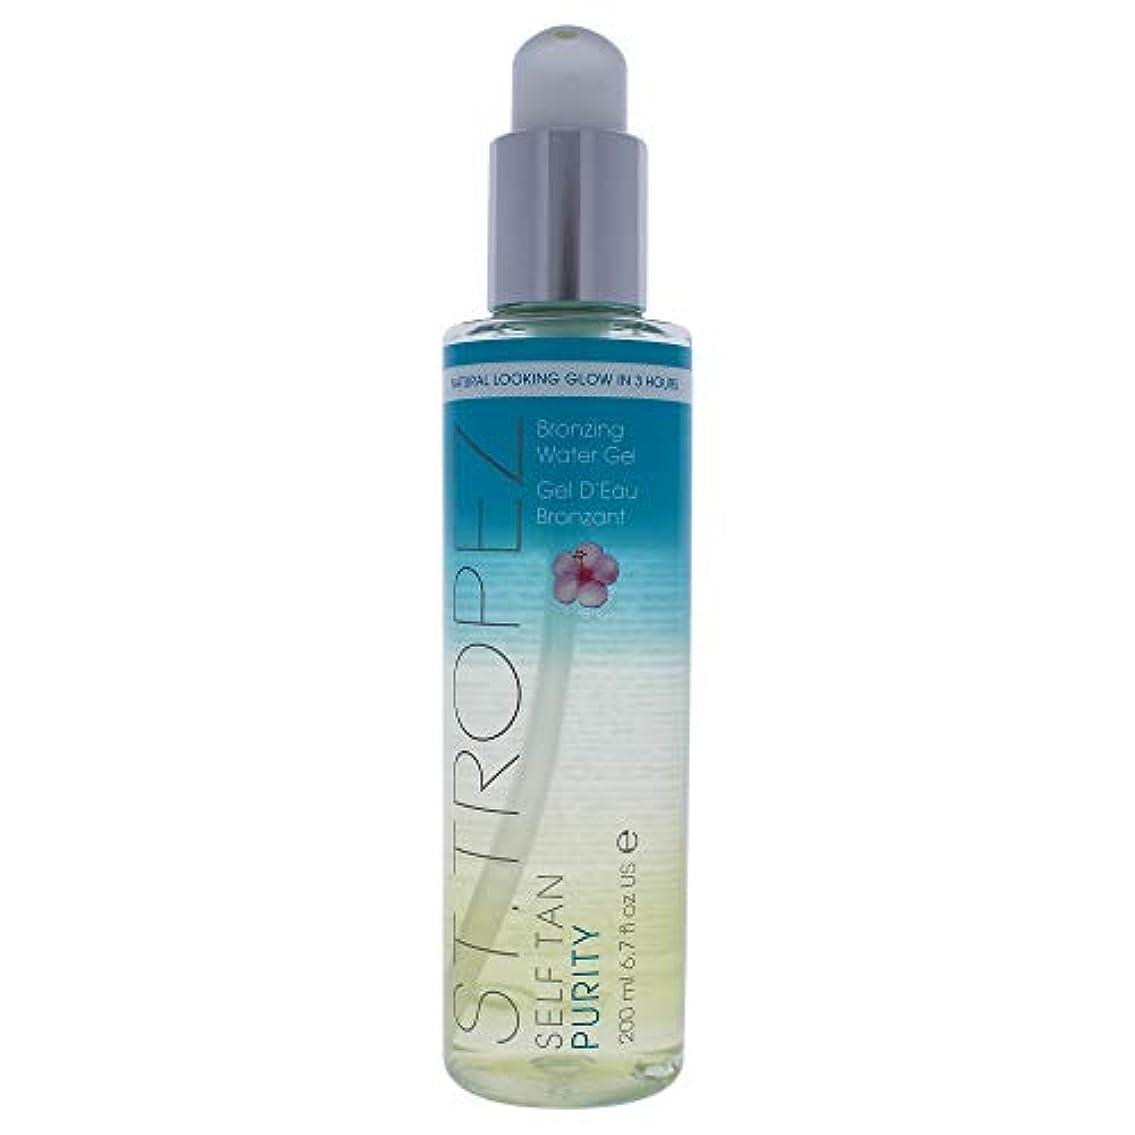 上記の頭と肩天井できるSt. Tropez Self Tan Purity Bronzing Water Gel with Tropical Scent 6.7oz (200ml)